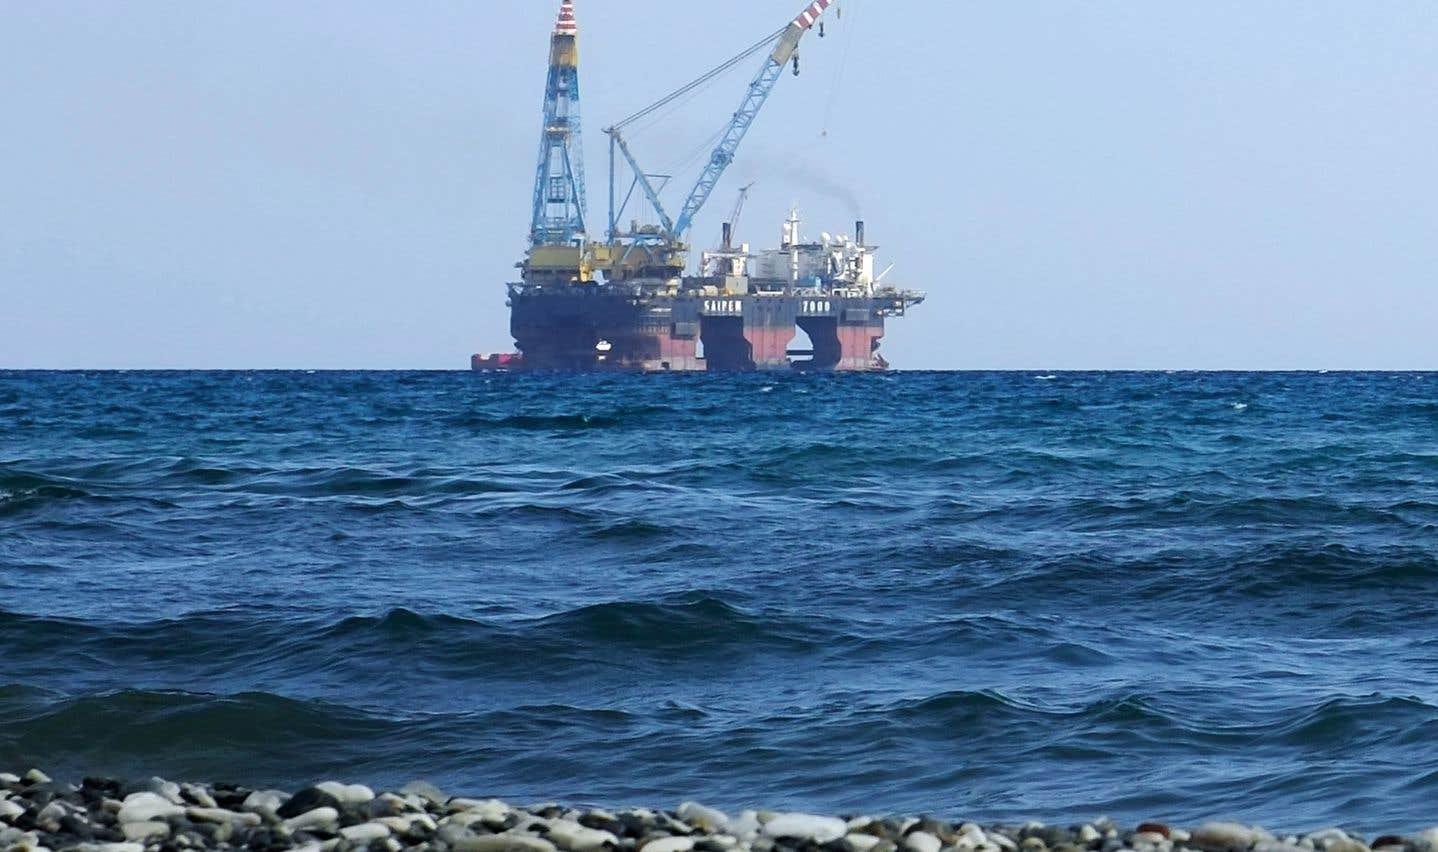 L'industrie pétrolière et gazière est une source très importante de revenus pour les coffres du gouvernement terre-neuvien.